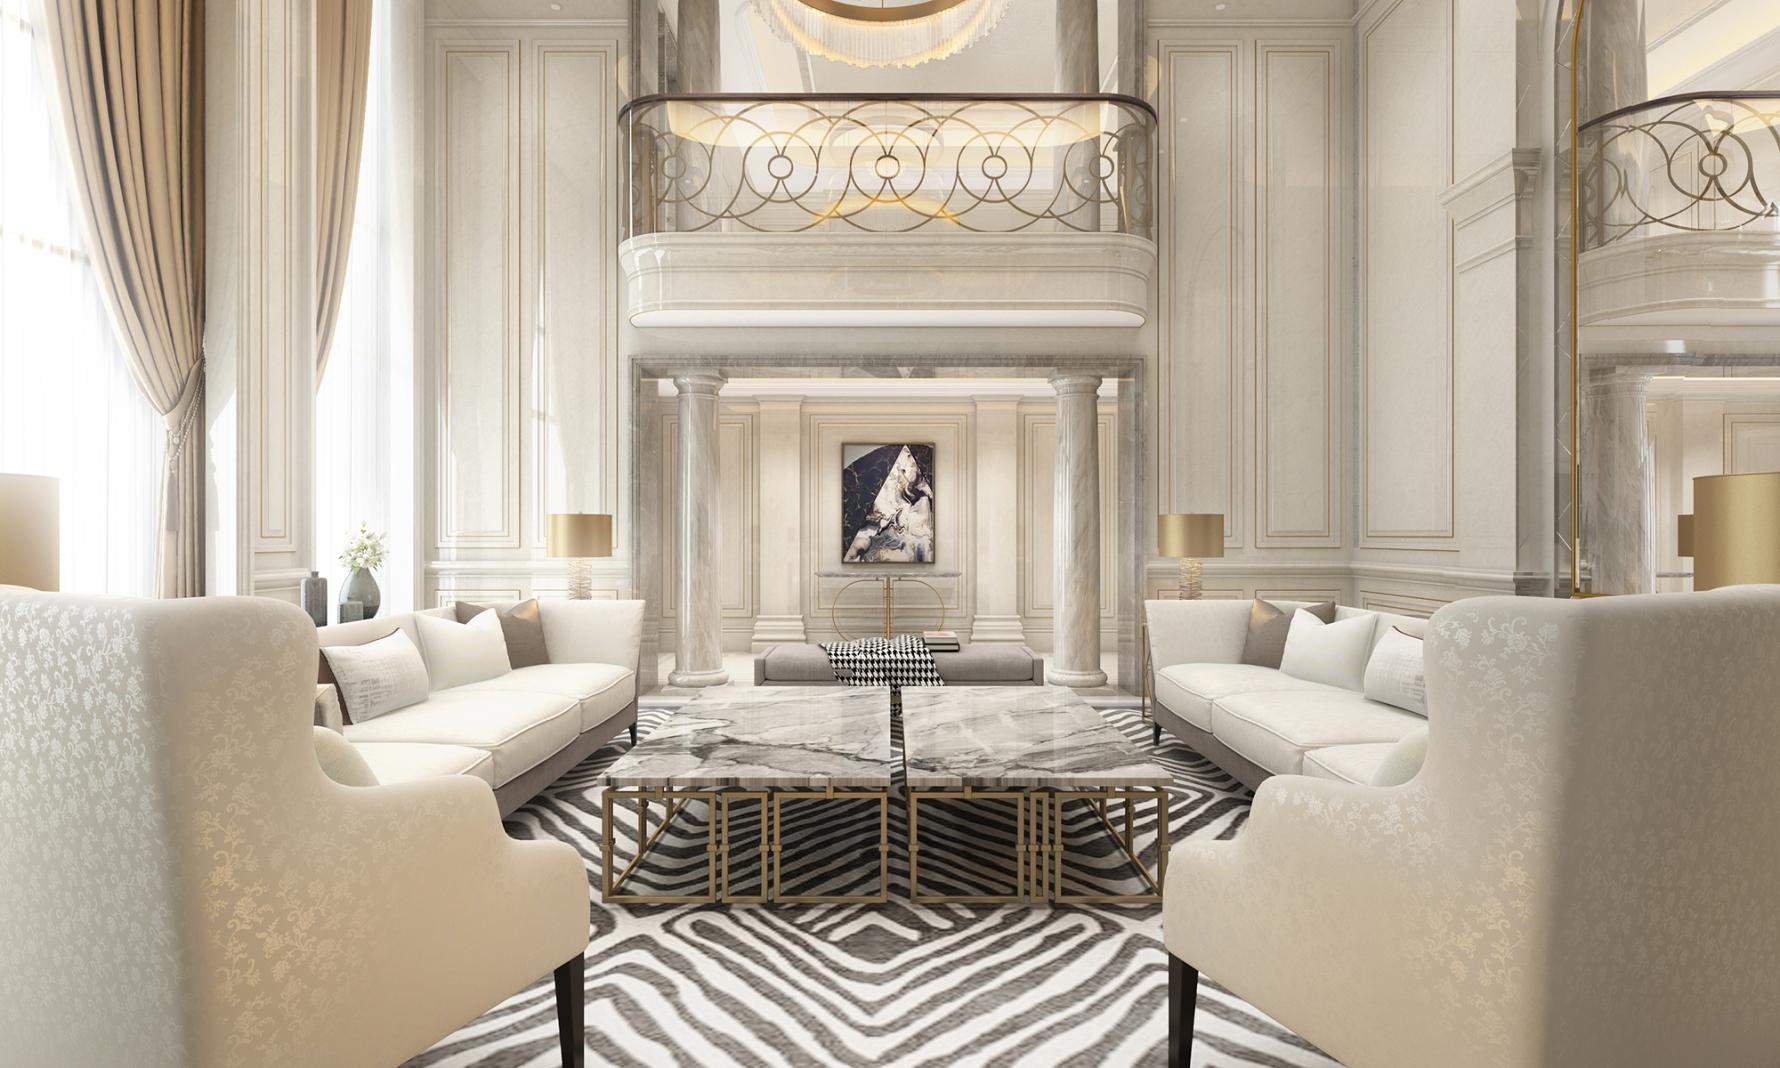 欧式风格别墅客厅装修效果图